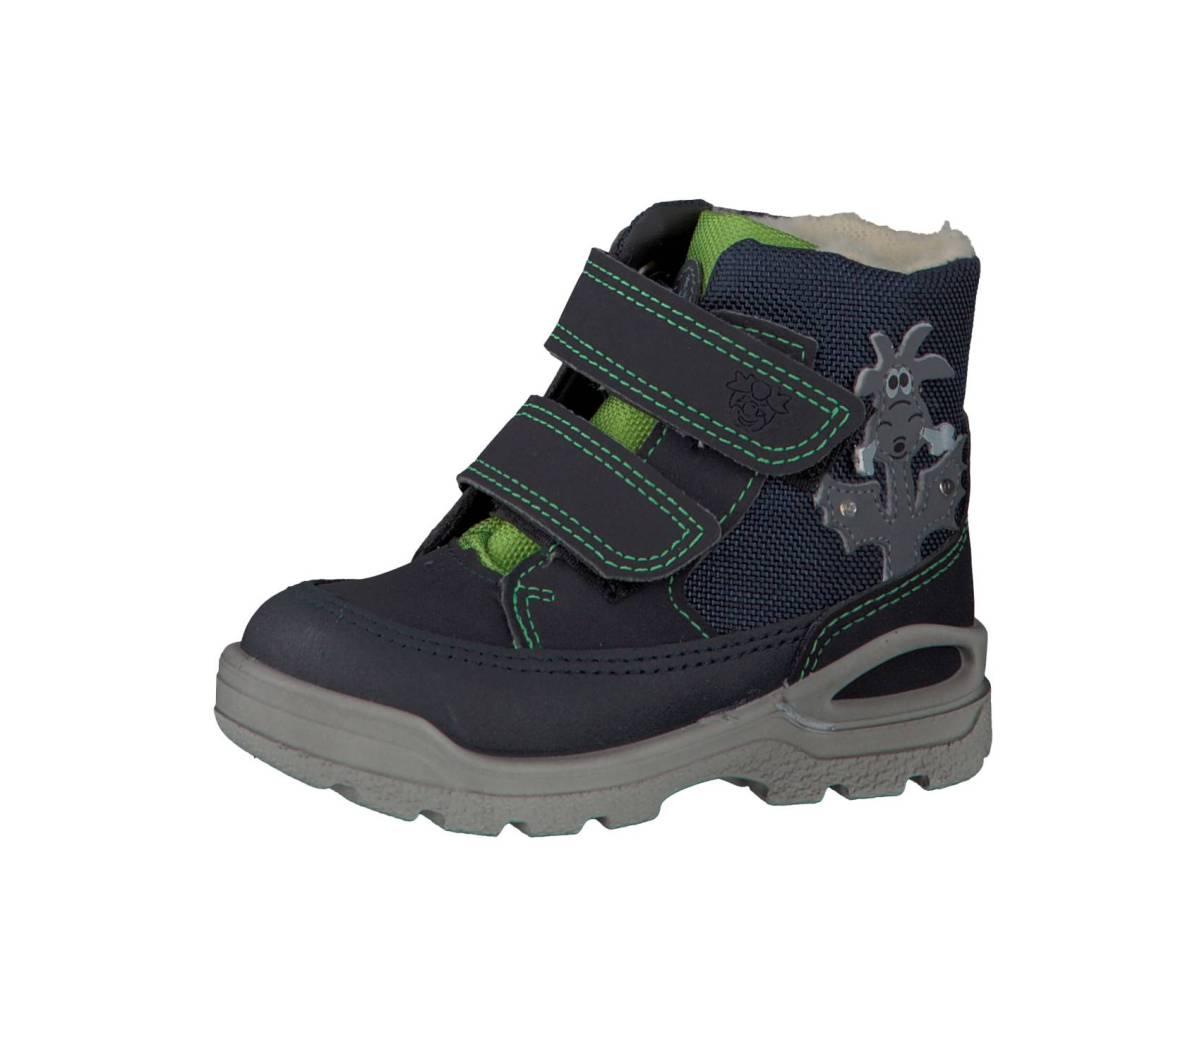 Ricosta Pepino Bixi blau grün Blinklicht Drachen see ozean gras Stiefel Kinder